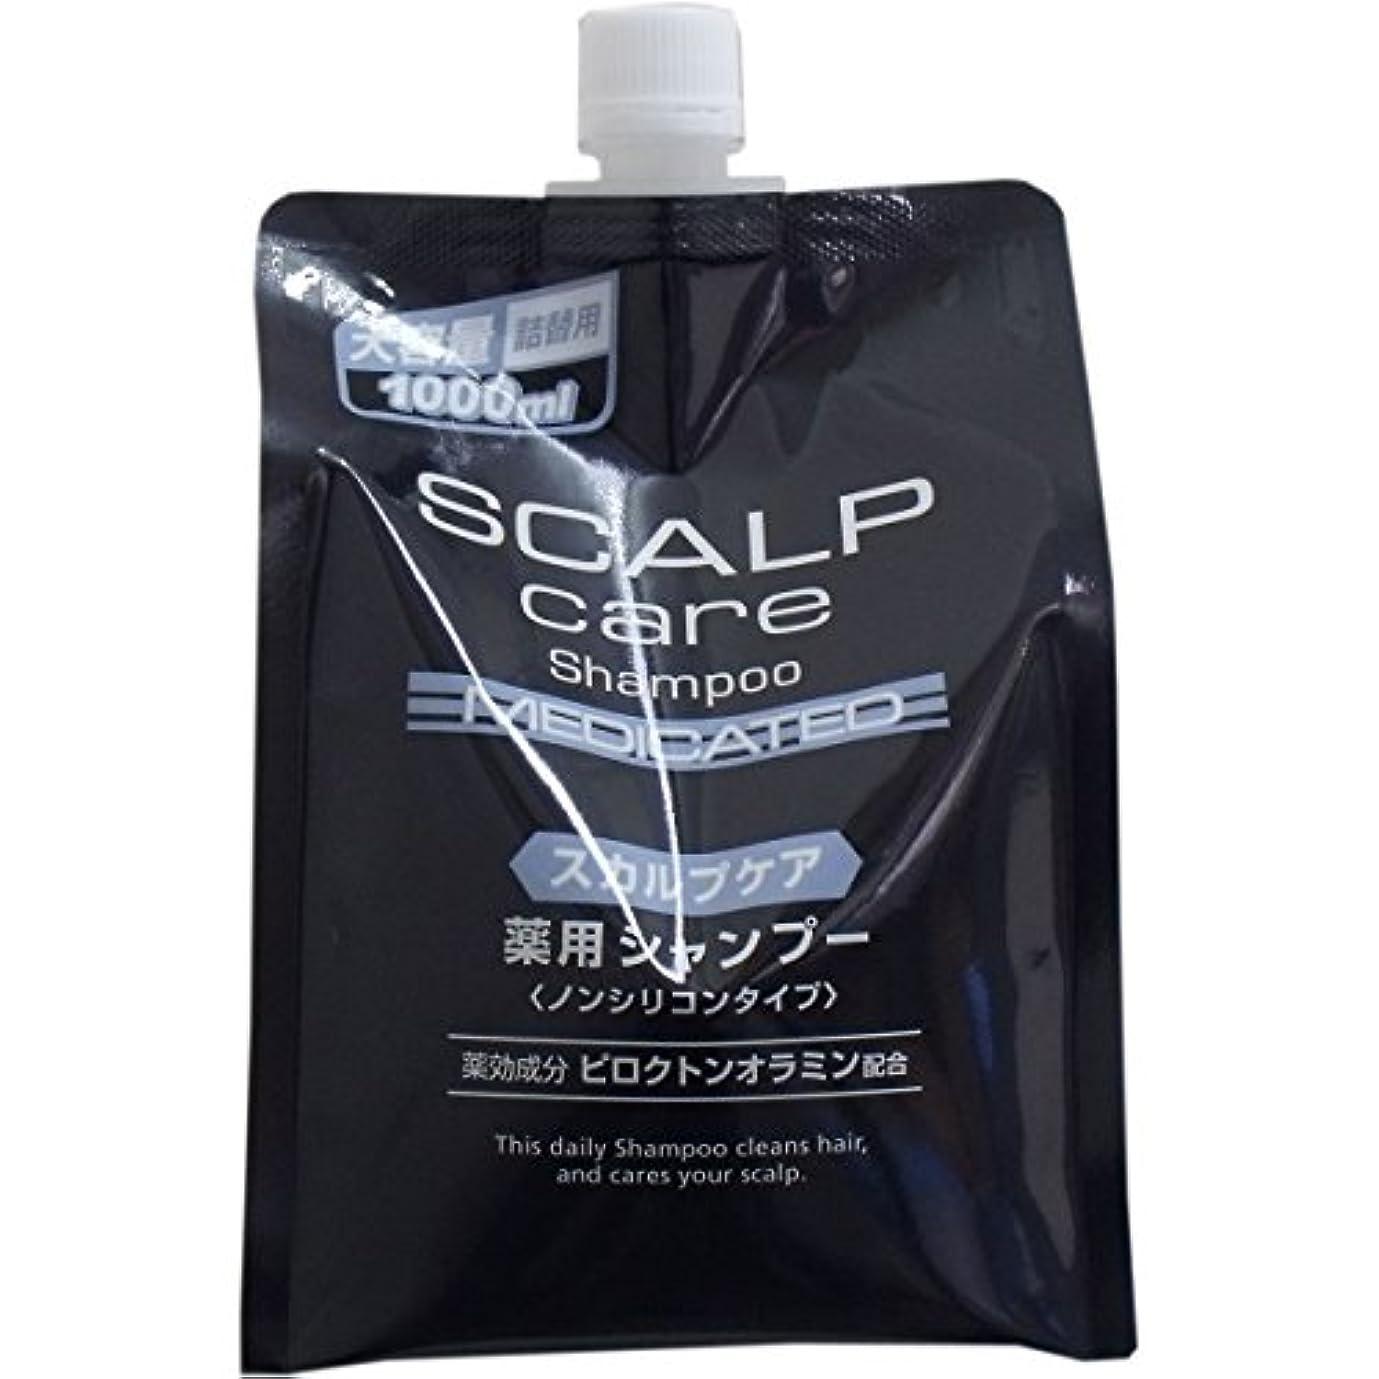 増加する親愛なスリチンモイピース薬品 スカルプシャンプー 大容量詰替用 1000ml